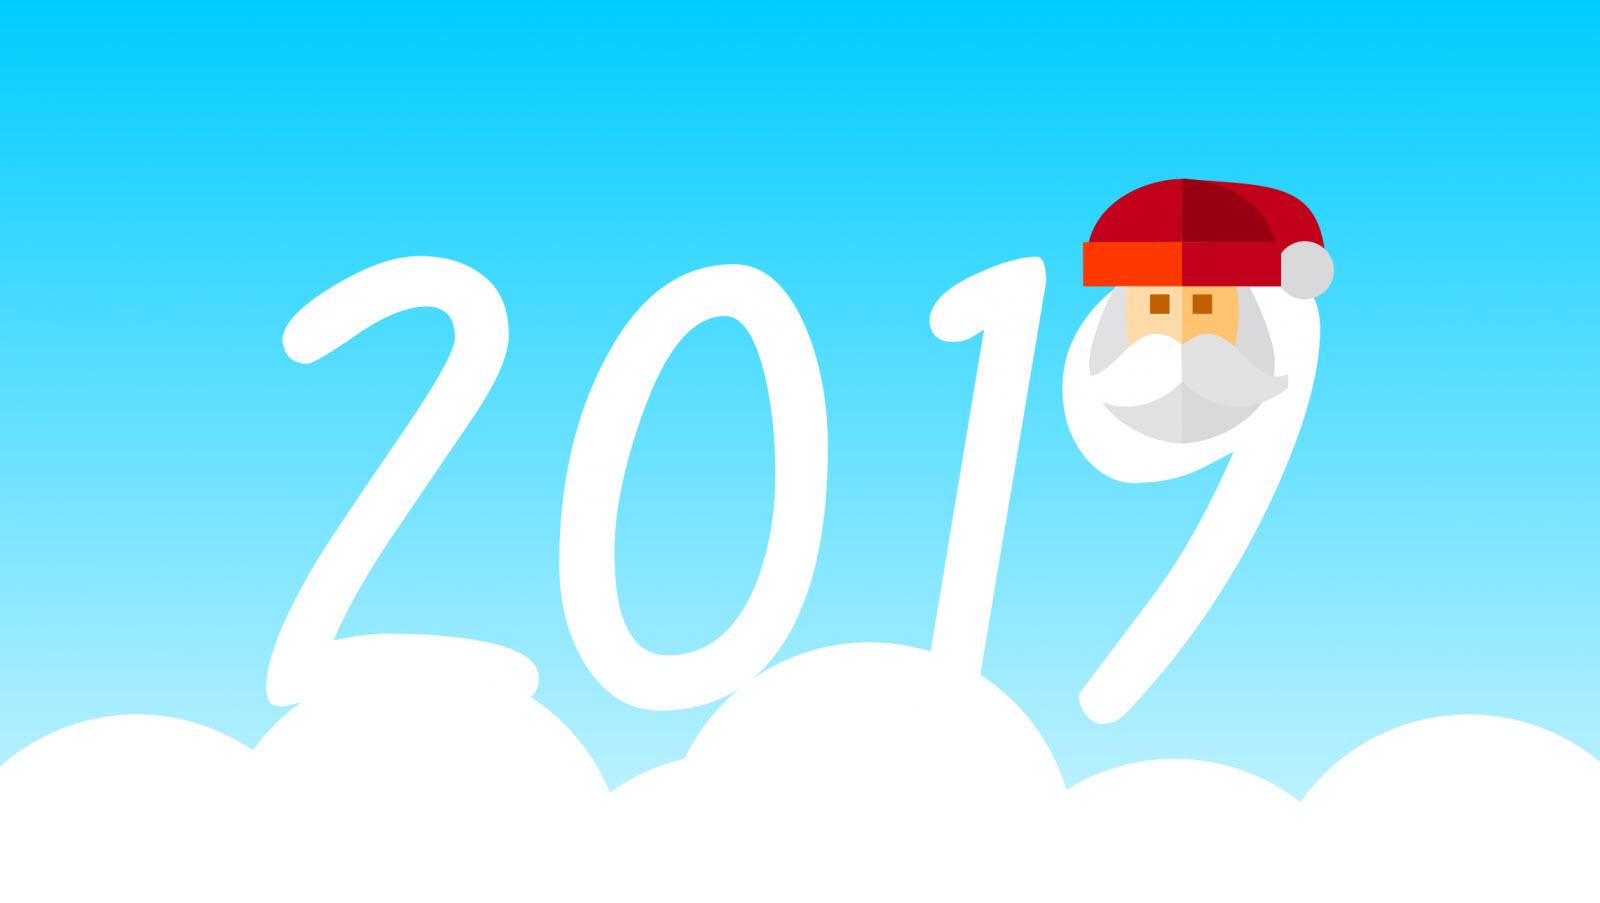 Hình nền chúc mừng năm mới 2019 đẹp